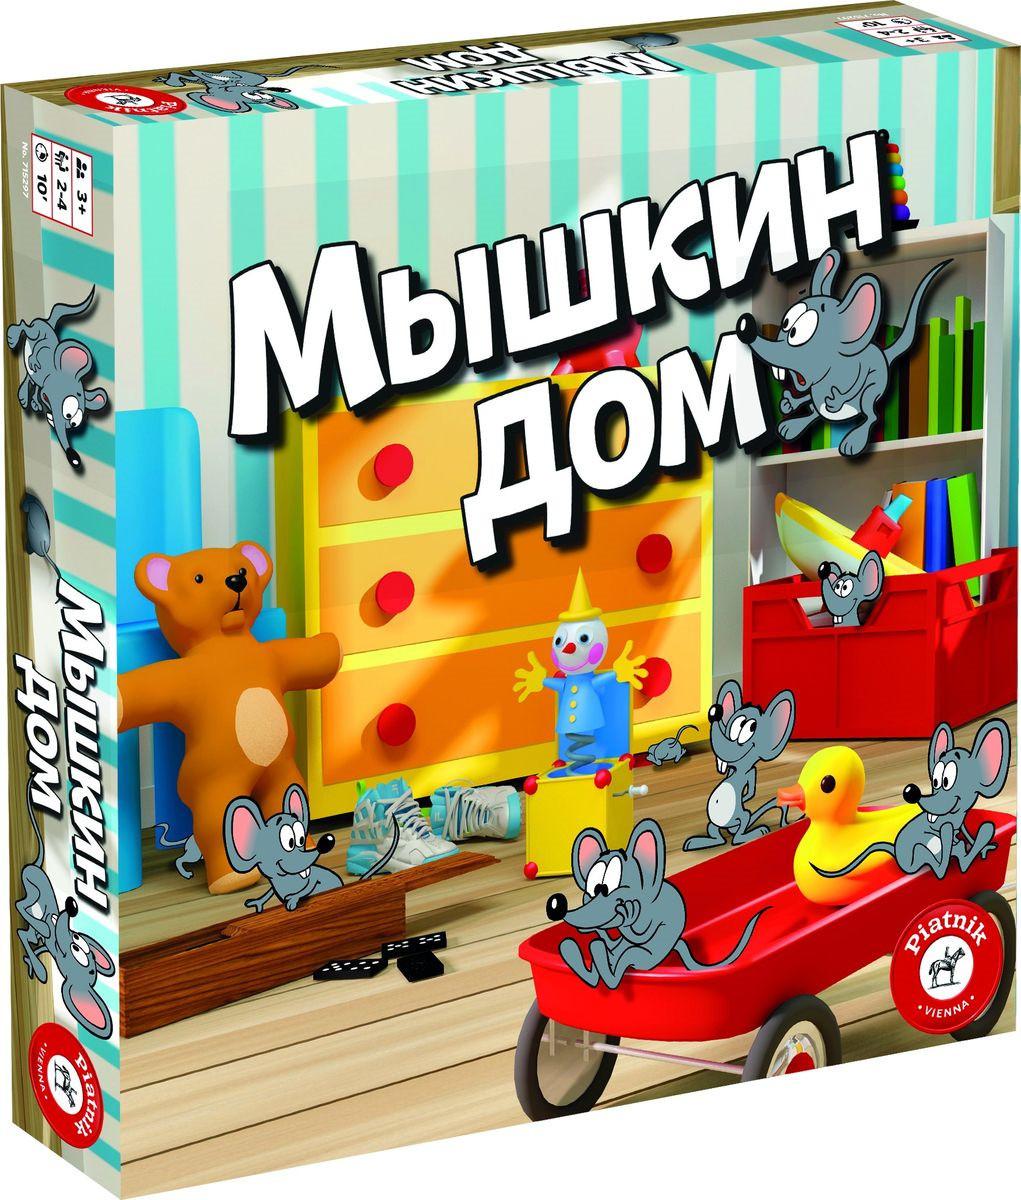 Настольная игра: Мышкин дом